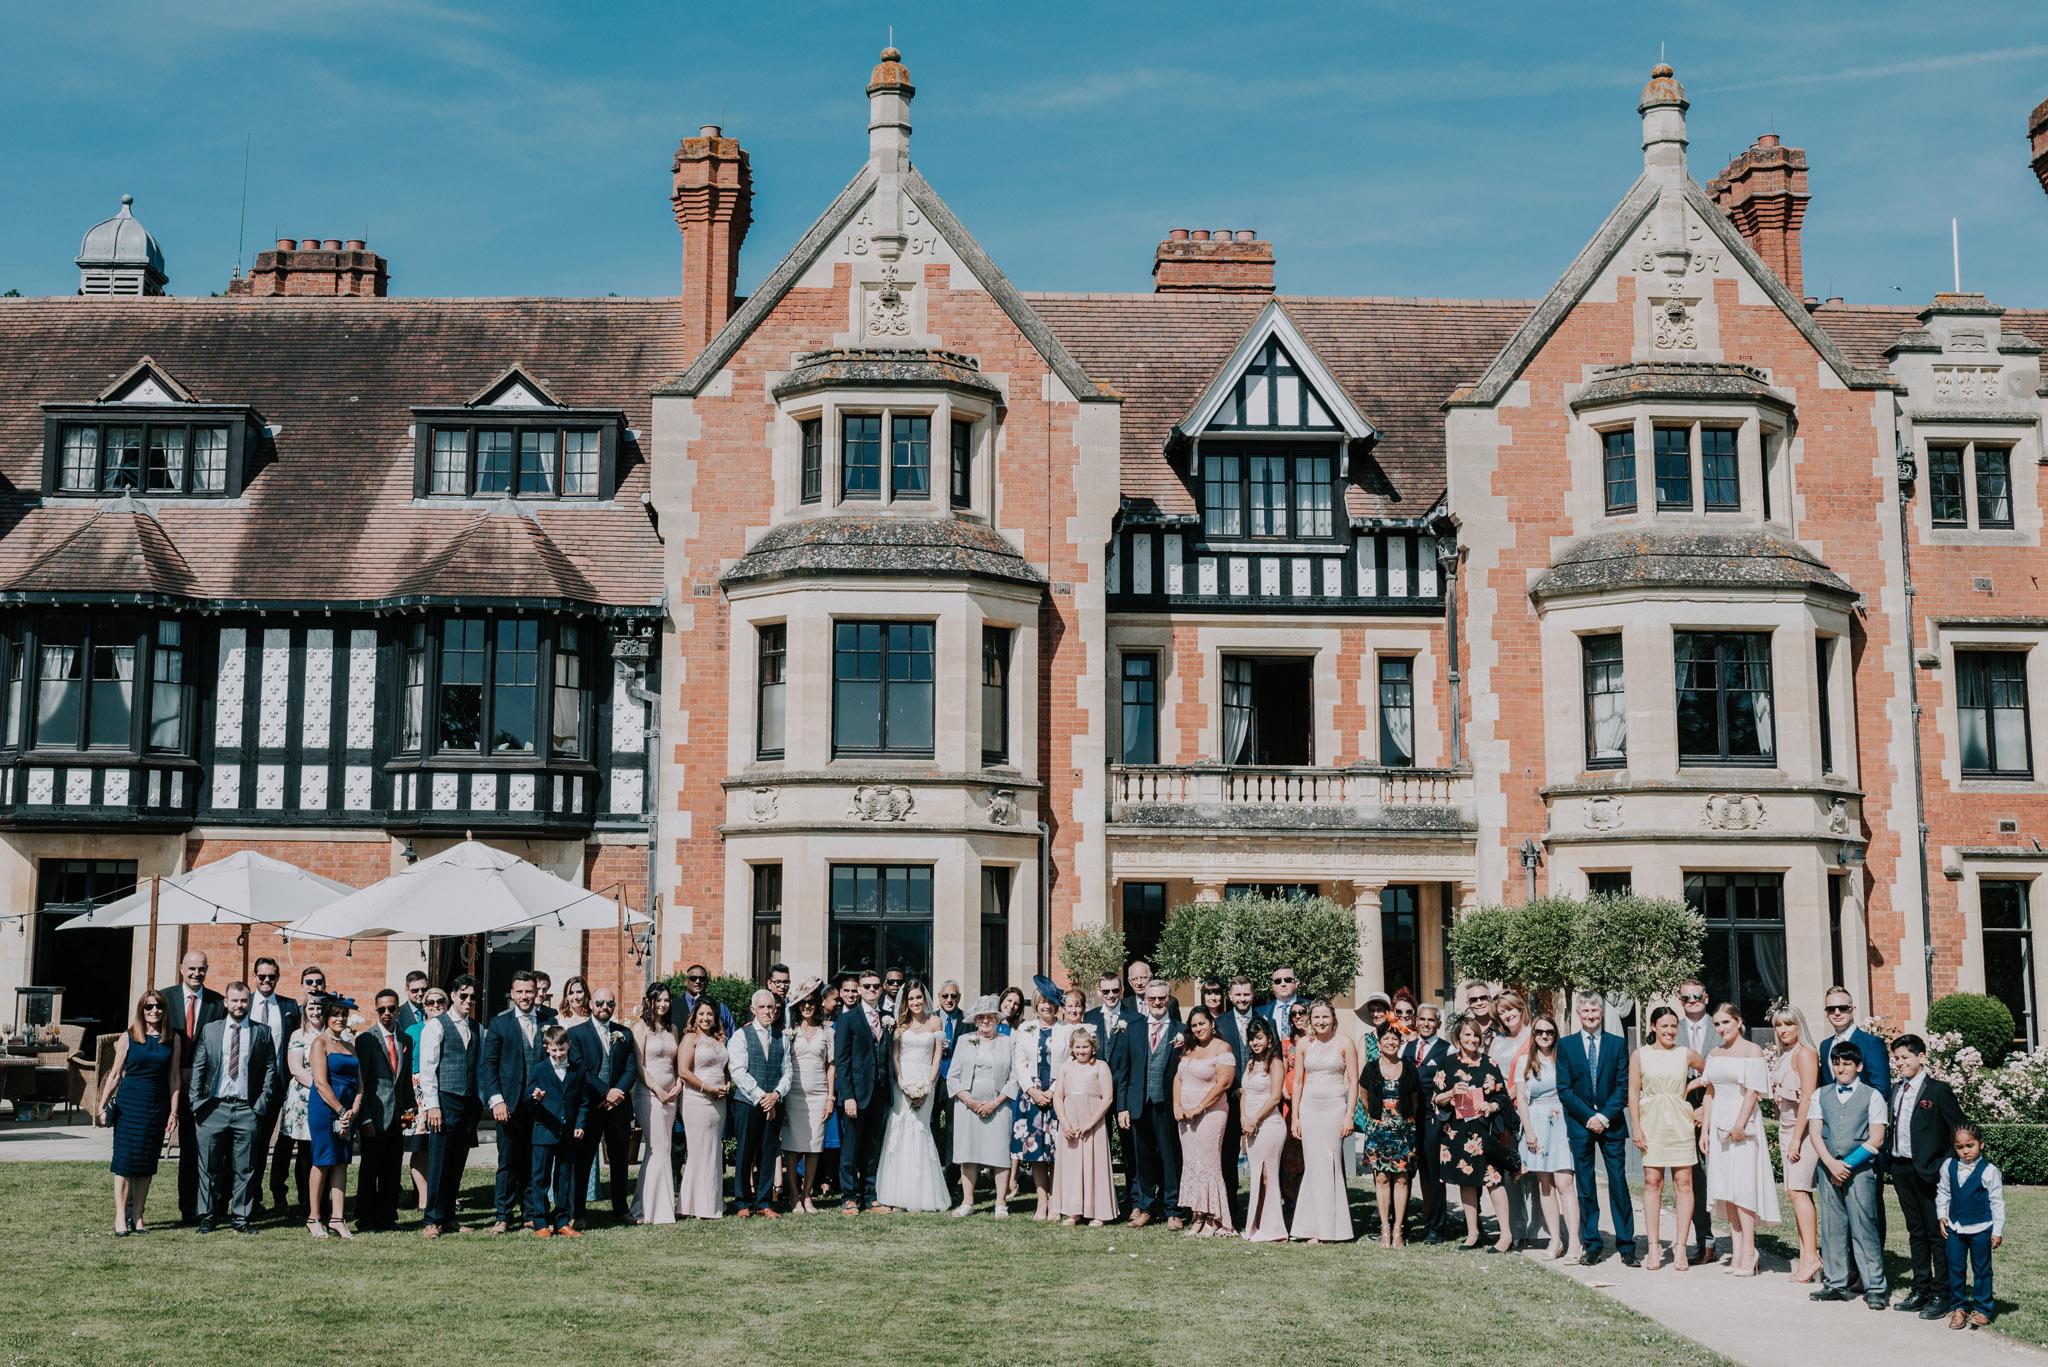 scott-stockwell-wedding-photographer-wood-norton-evesham255.jpg